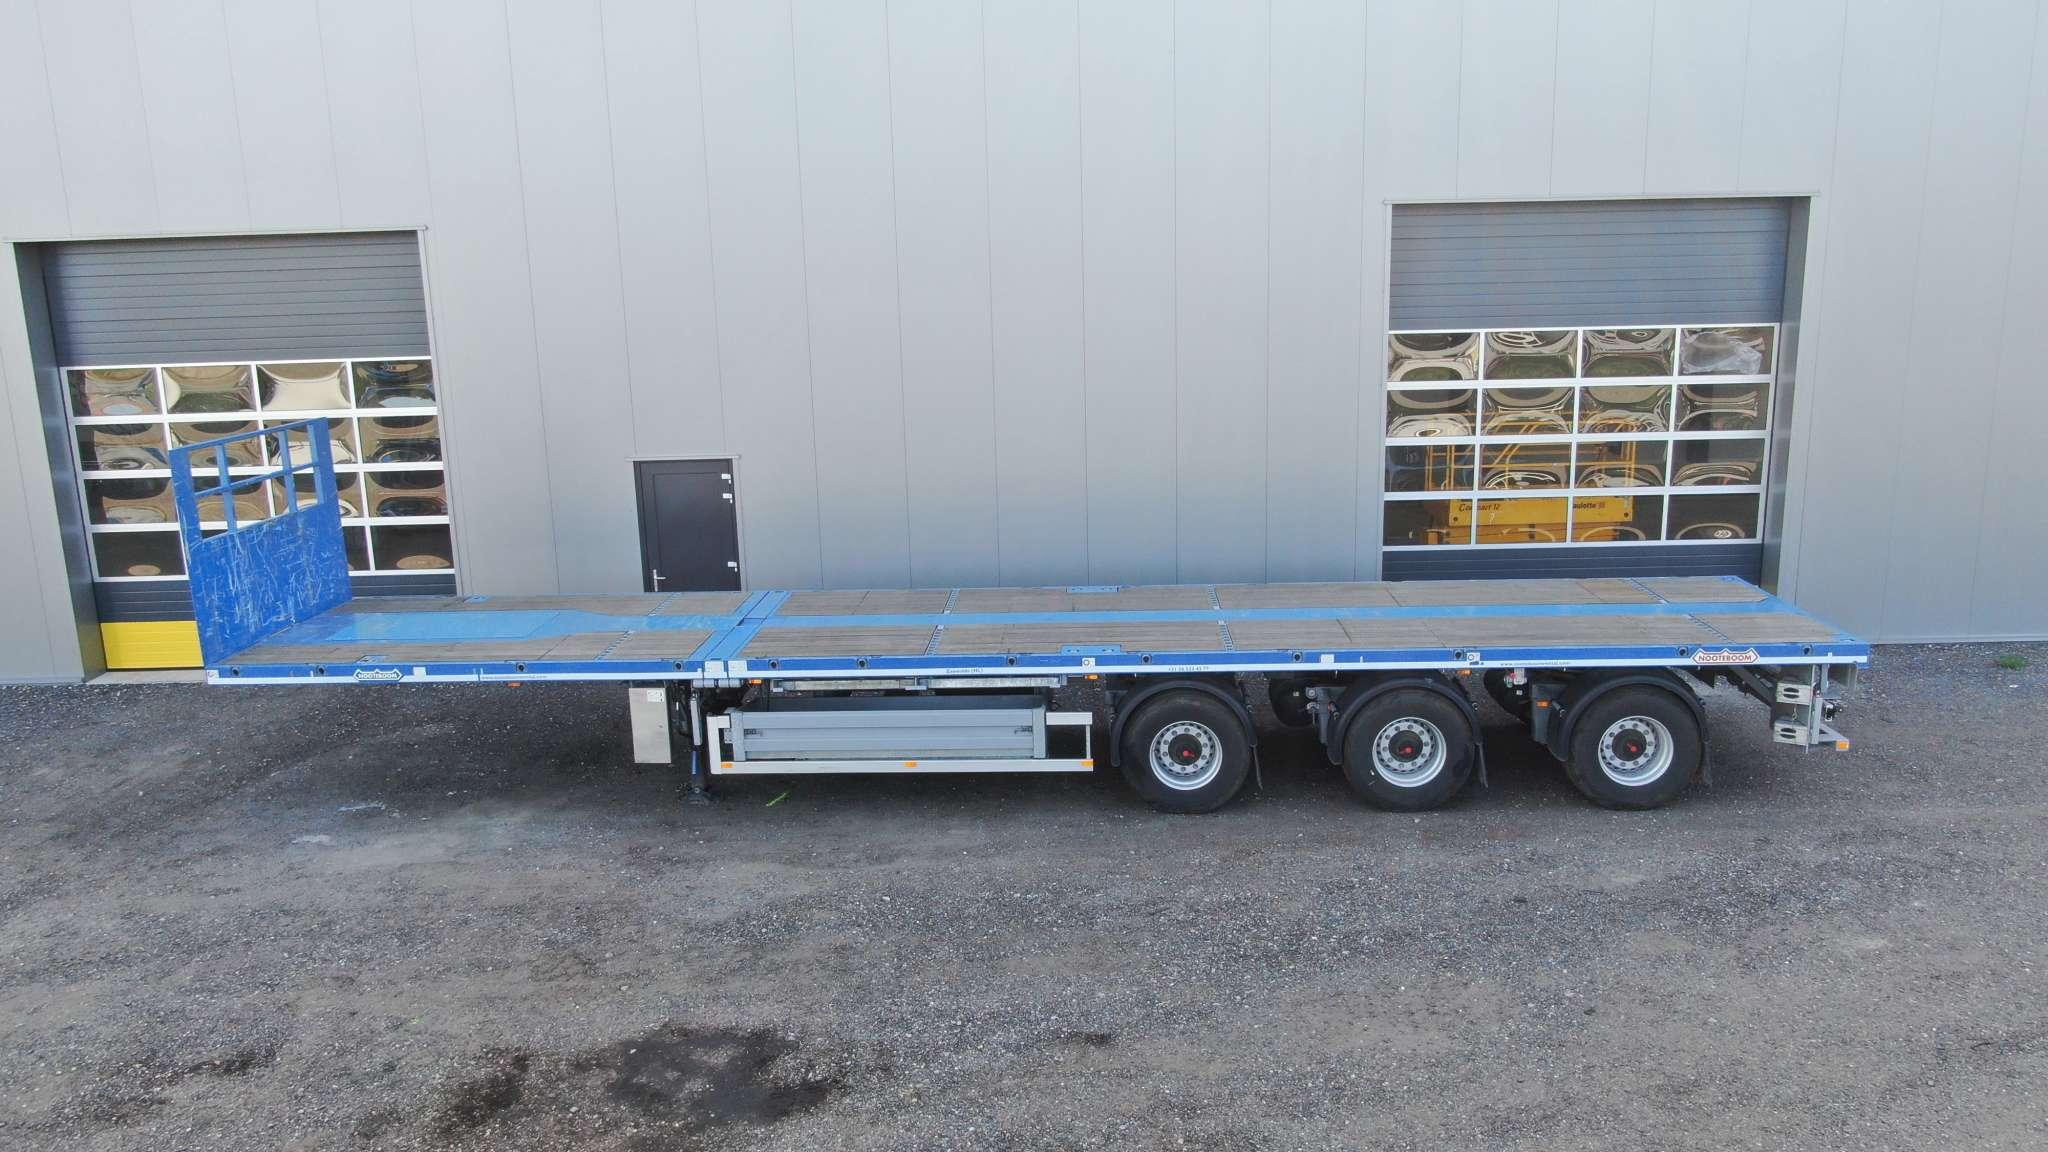 Remolque plano | 3 ejes | 3 ejes de dirección hidráulico | extensible hasta 28,8 m | carga útil 35 toneladas | 2 posiciones de conducción